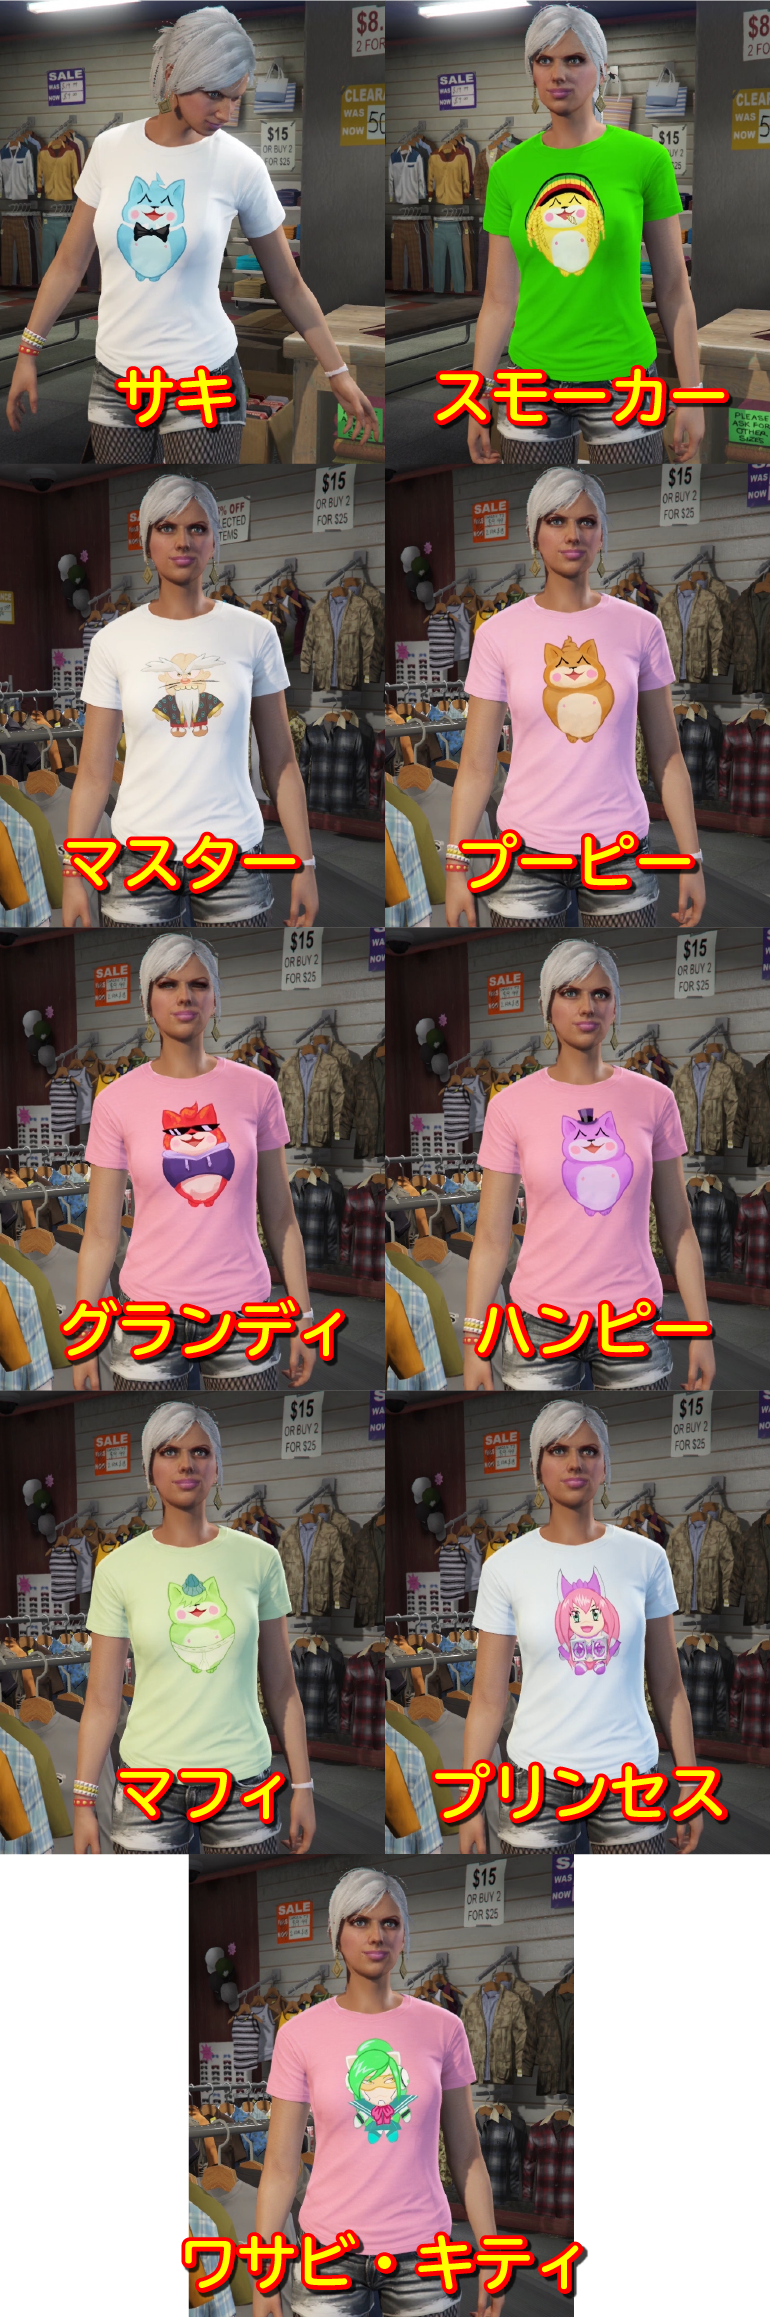 GTA5アーケードゲーム機『キラキラ・ワサビ・キティ』の解除Tシャツ一覧